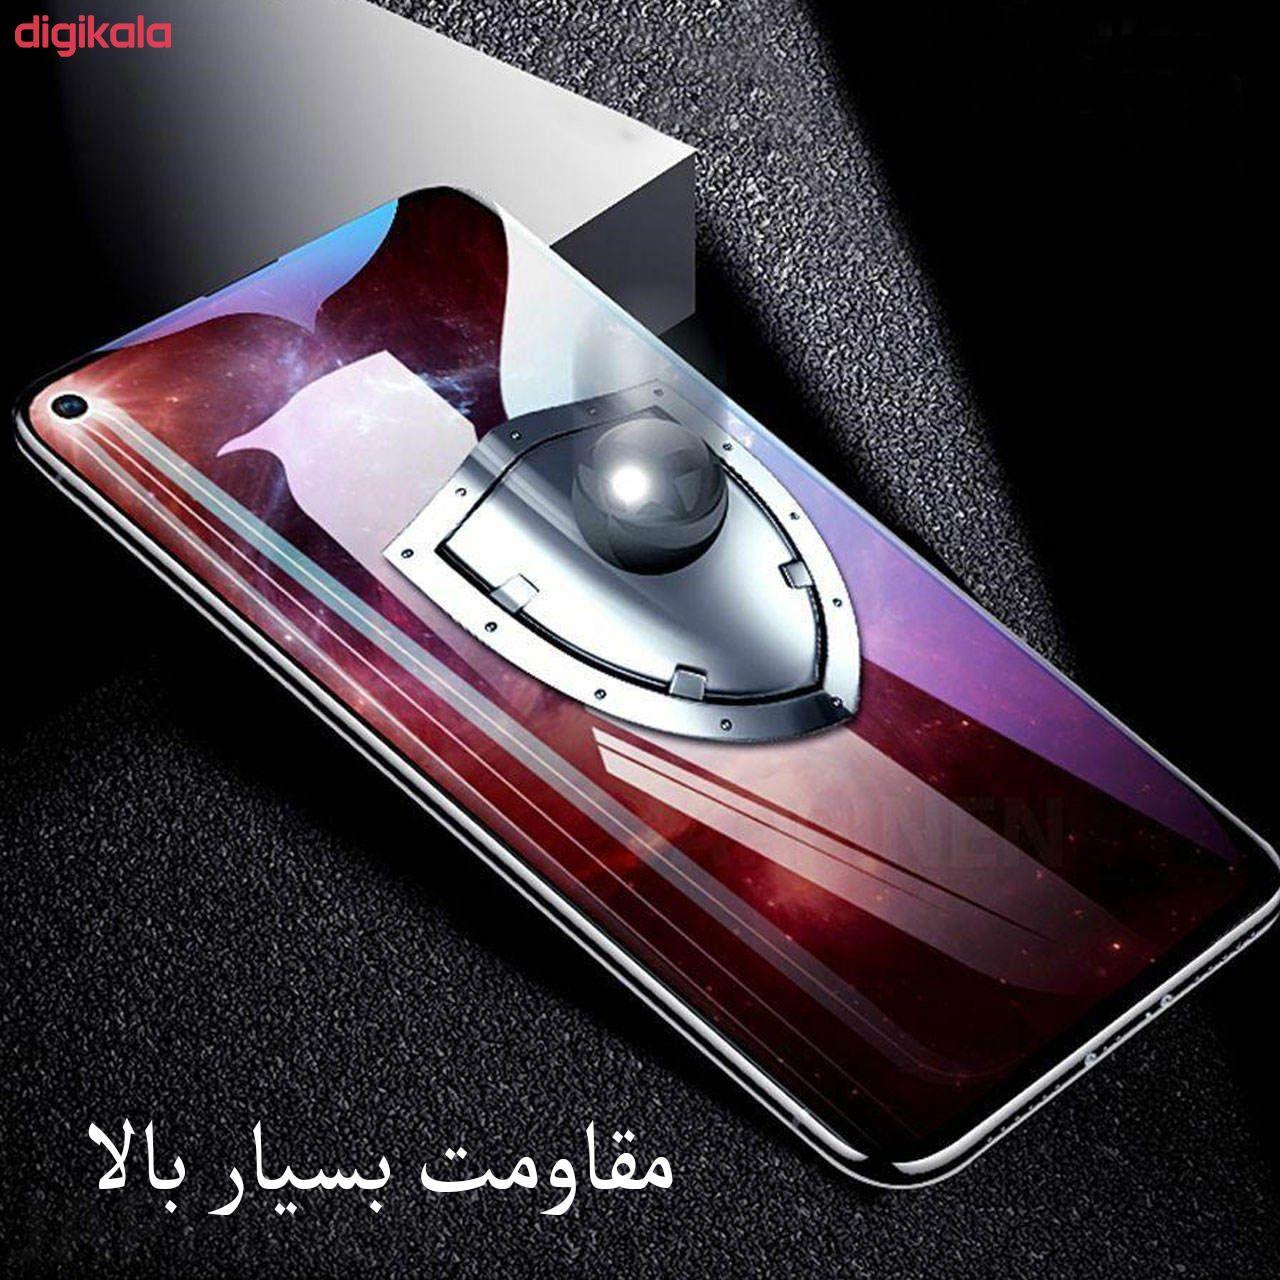 محافظ پشت گوشی شیپ مدل BKSH-01 مناسب برای گوشی موبایل سامسونگ Galaxy A71 main 1 10